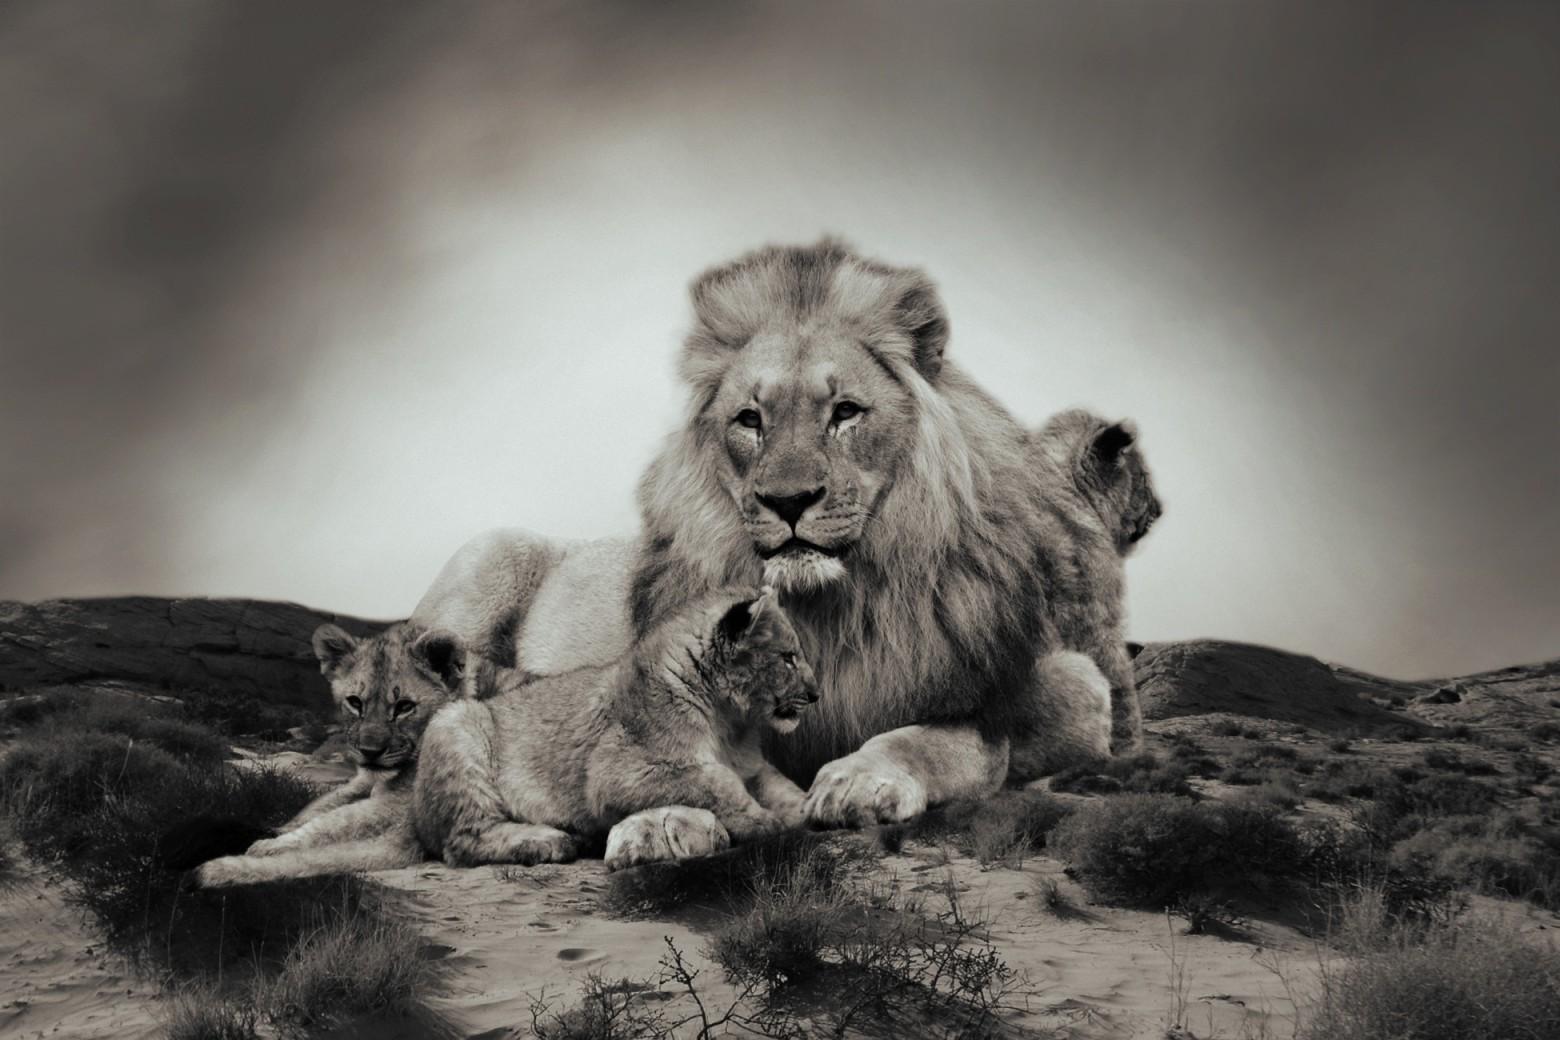 Top lion fond d' écran images gratuites | images gratuites et libres  XP95